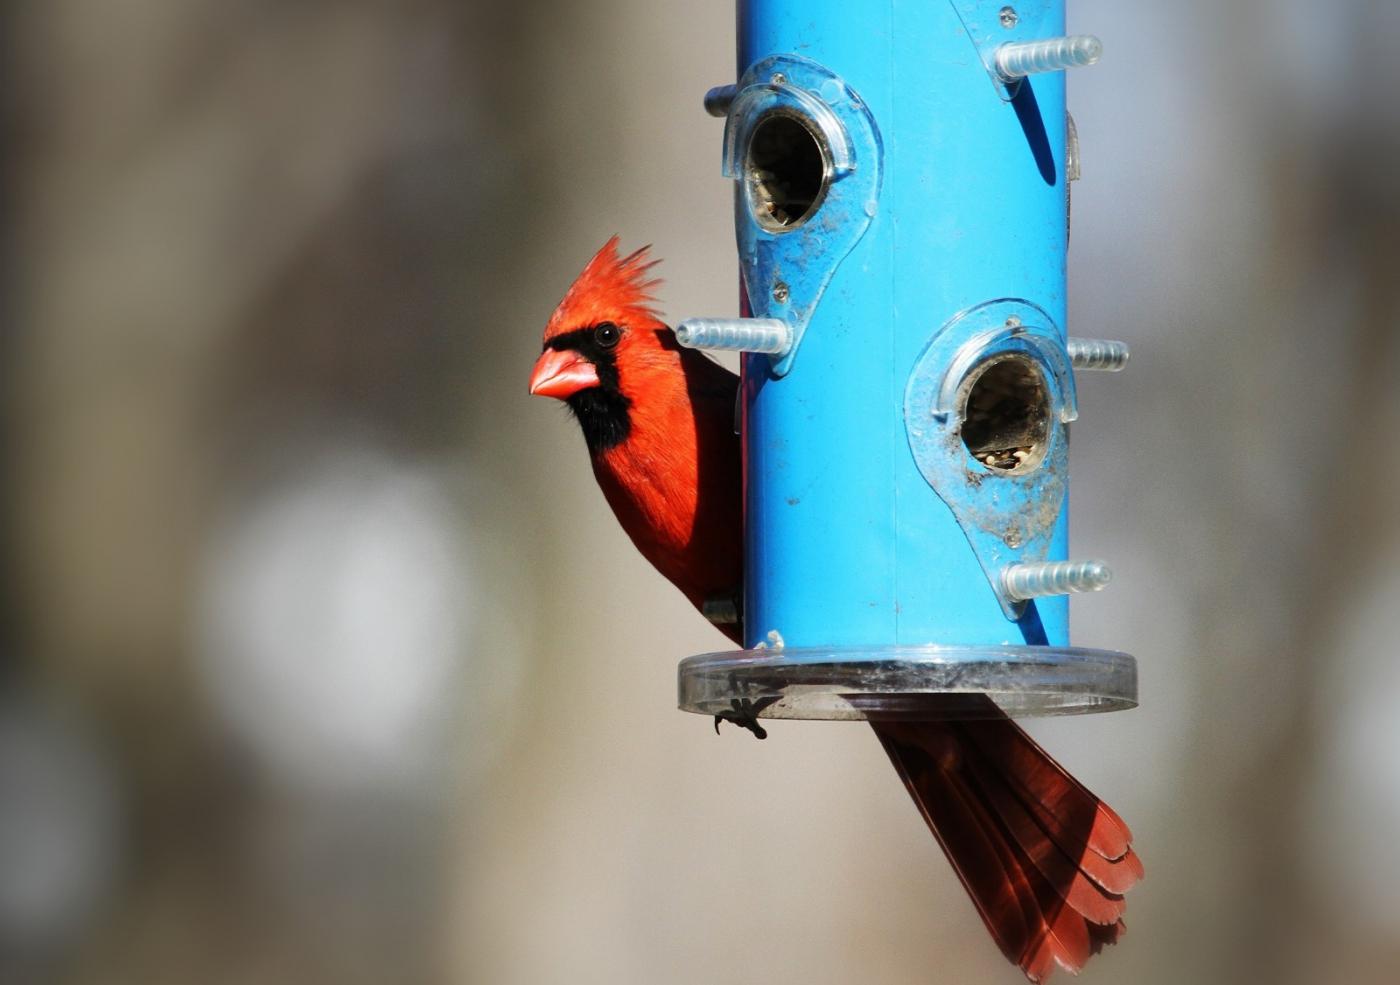 【田螺摄影】天暖了、把喂鸟器装满鸟就来了_图1-5